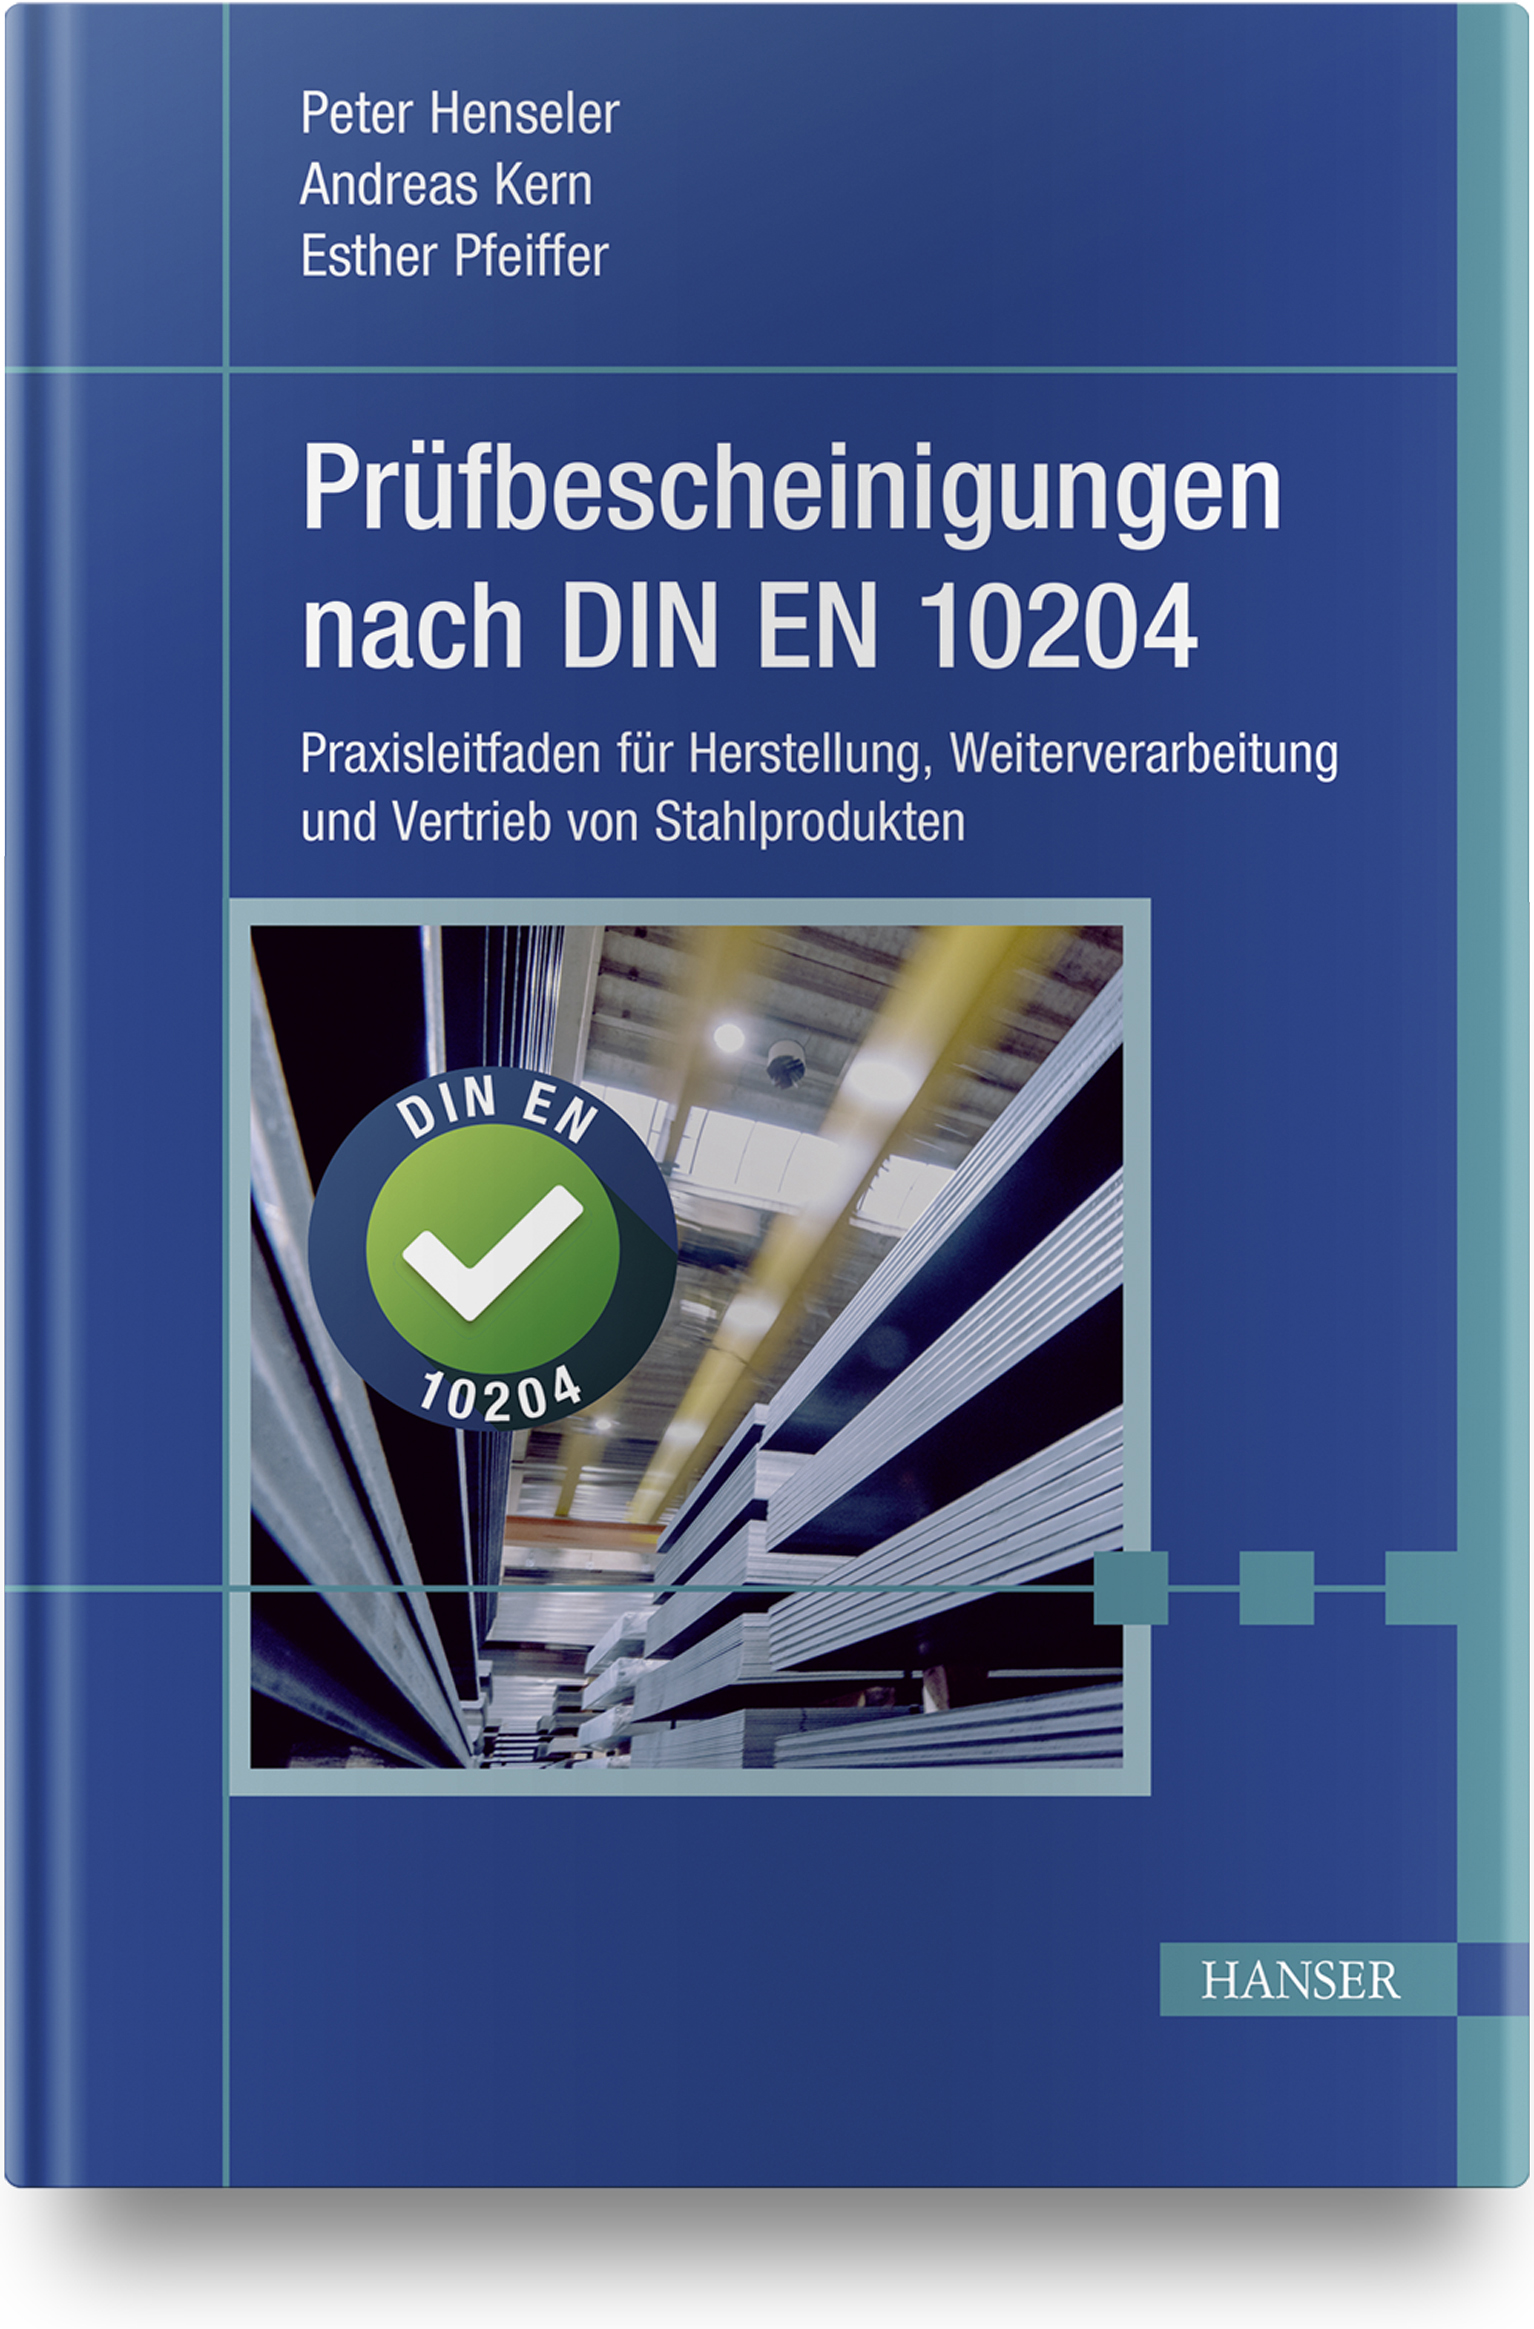 Henseler, Kern, Pfeiffer, Prüfbescheinigungen nach DIN EN 10204, 978-3-446-46119-2